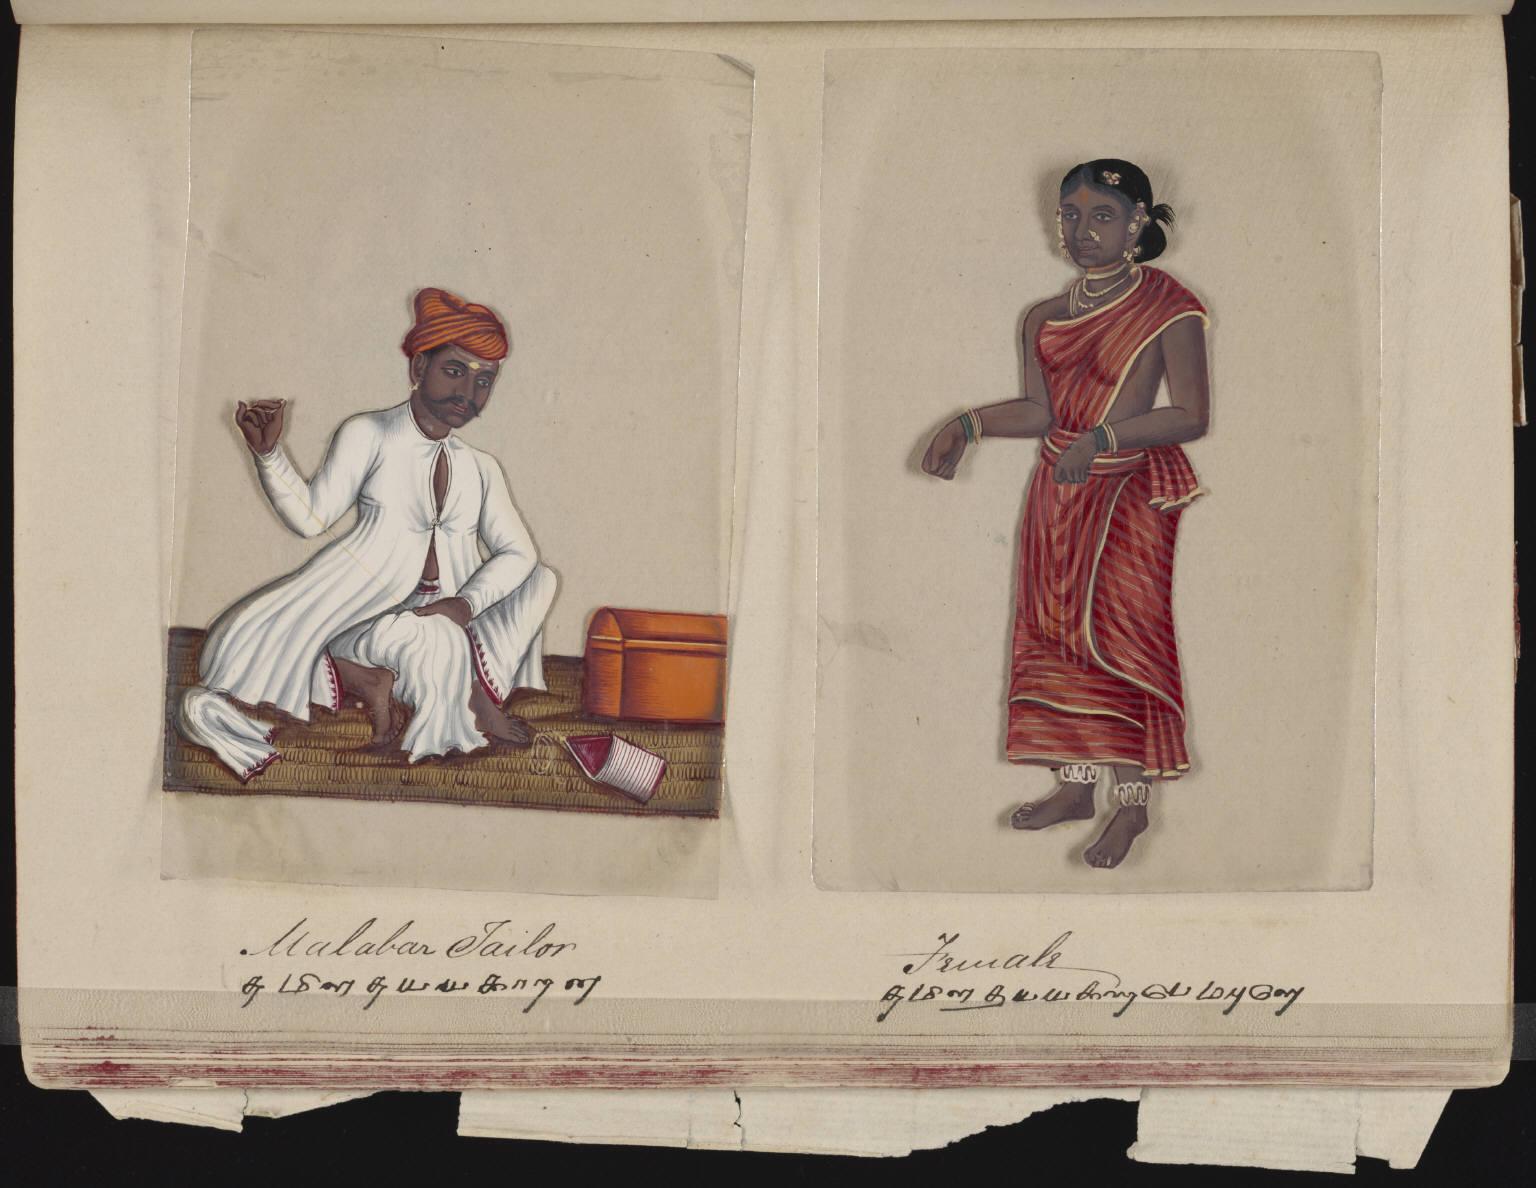 racism, caste in India